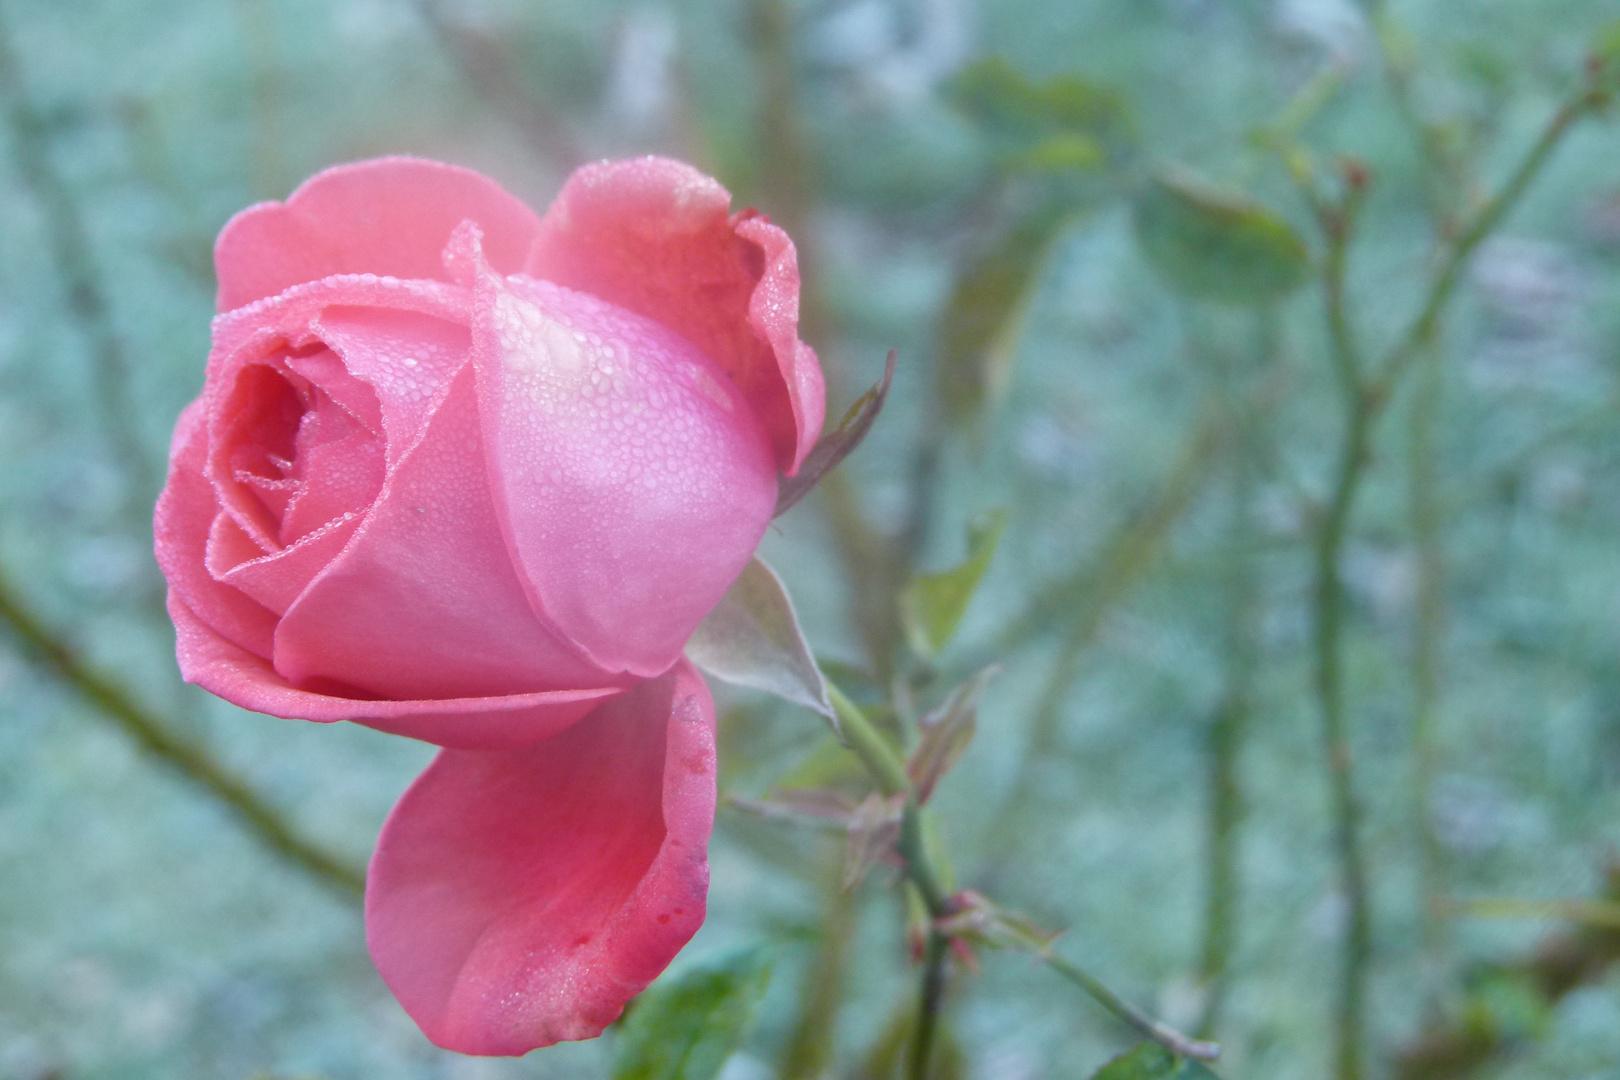 Die Rose.......Wintertraum...................Naturwunder!